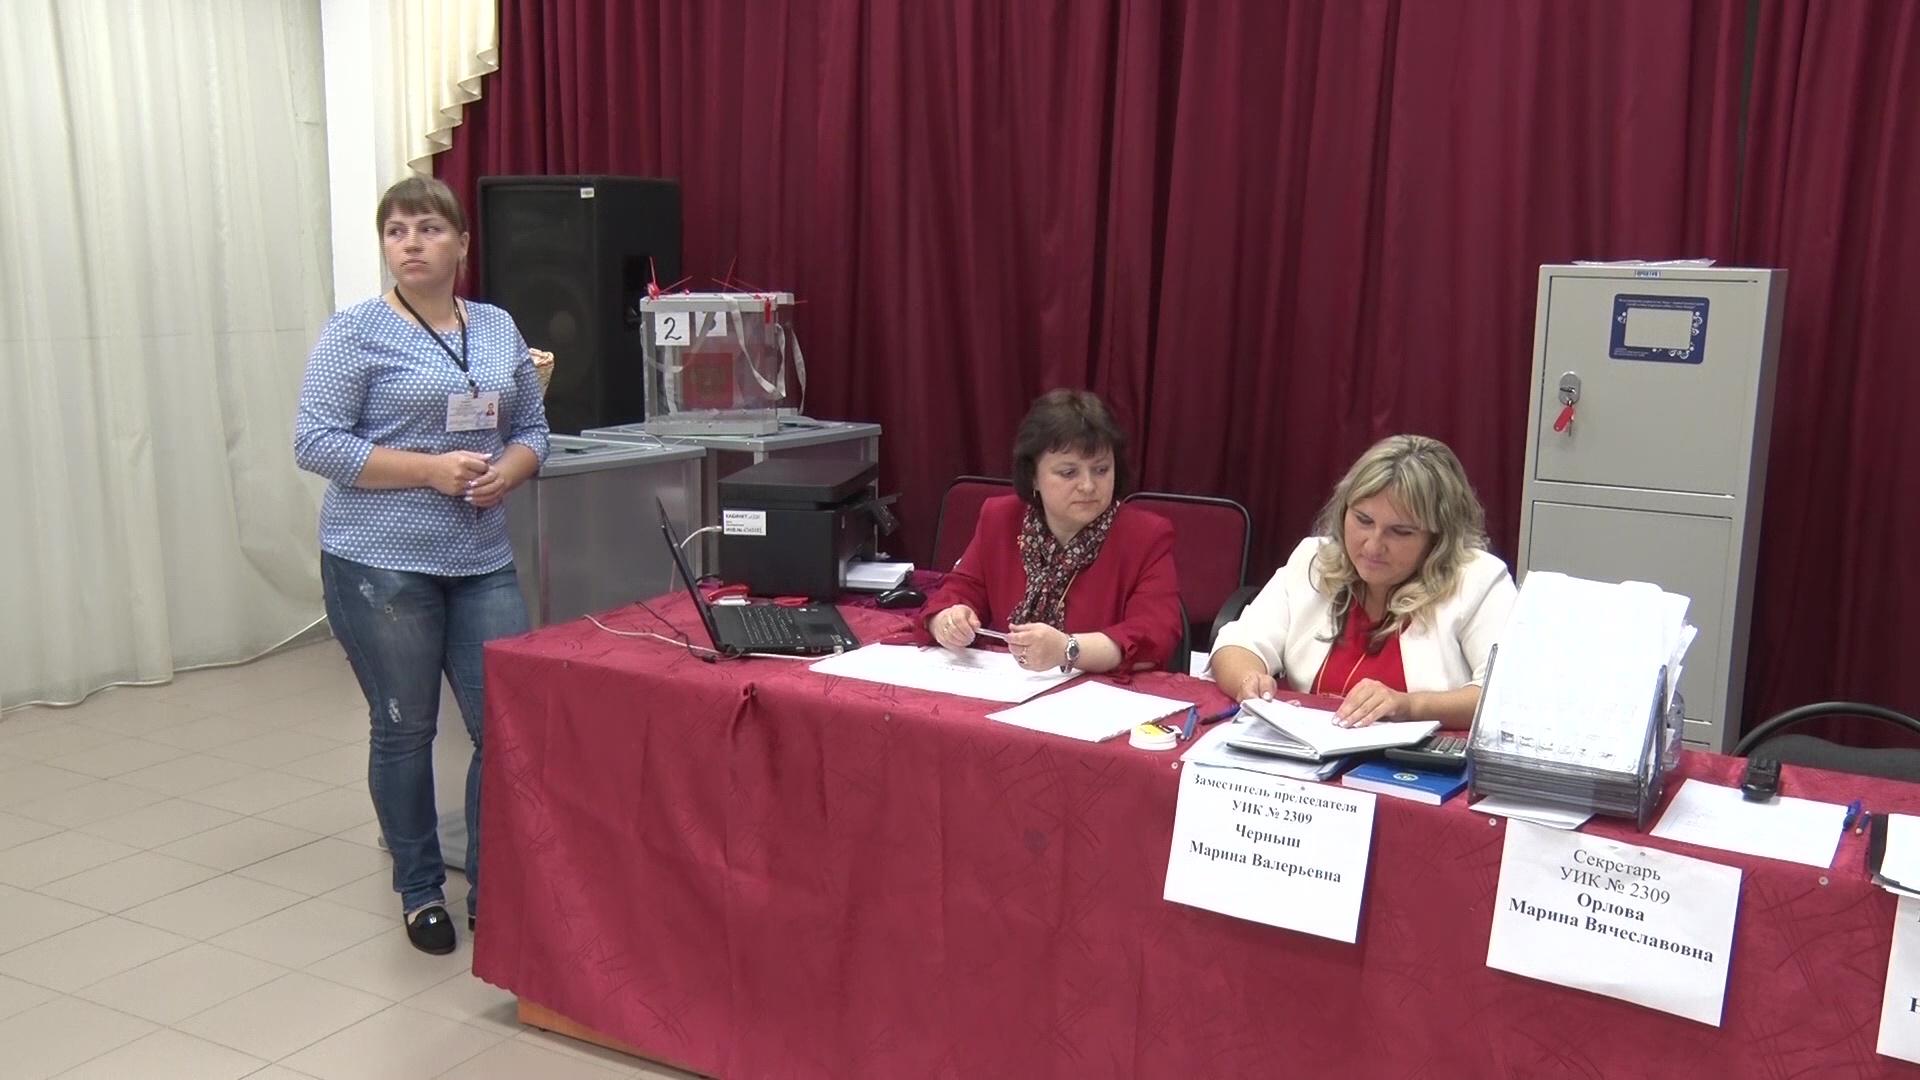 Участки для голосования по поправкам в Конституцию будут работать по 12 часов каждый день